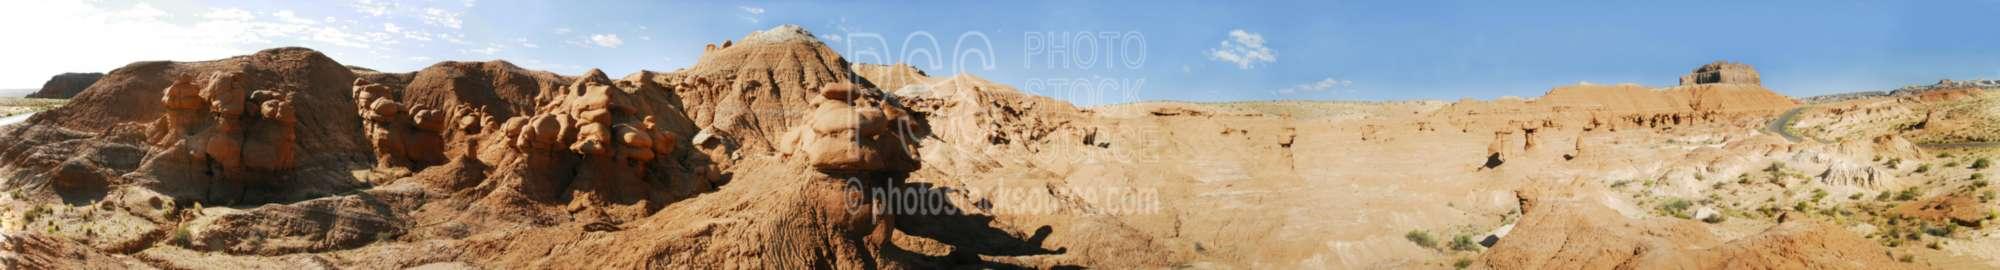 Goblin Valley Hoodoos